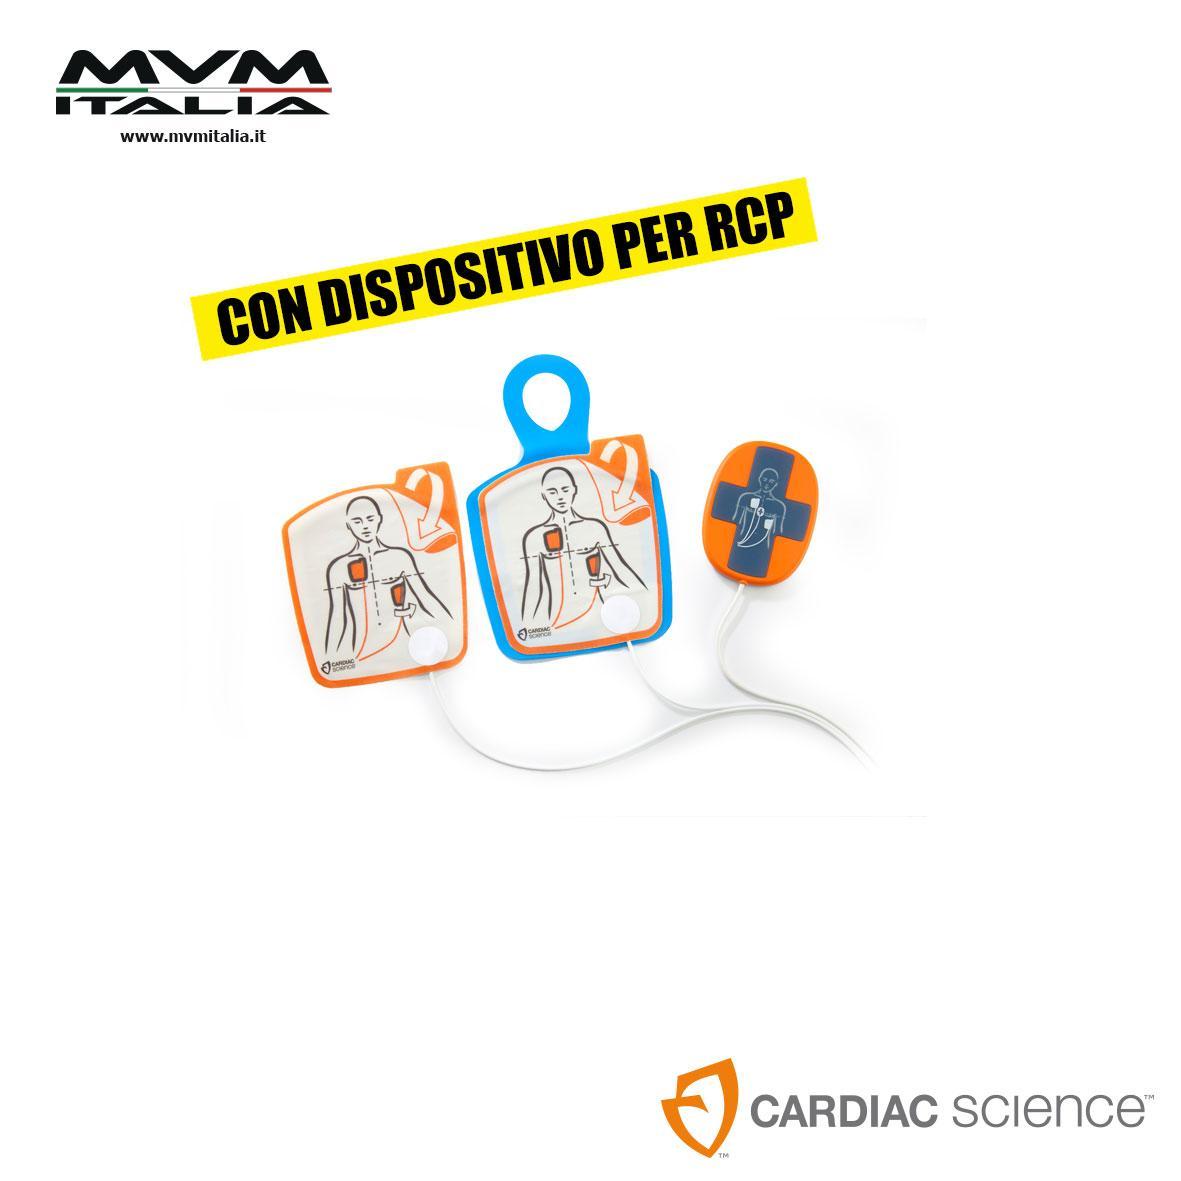 Elettrodi di defibrillazione per adulti con dispositivo per RCP